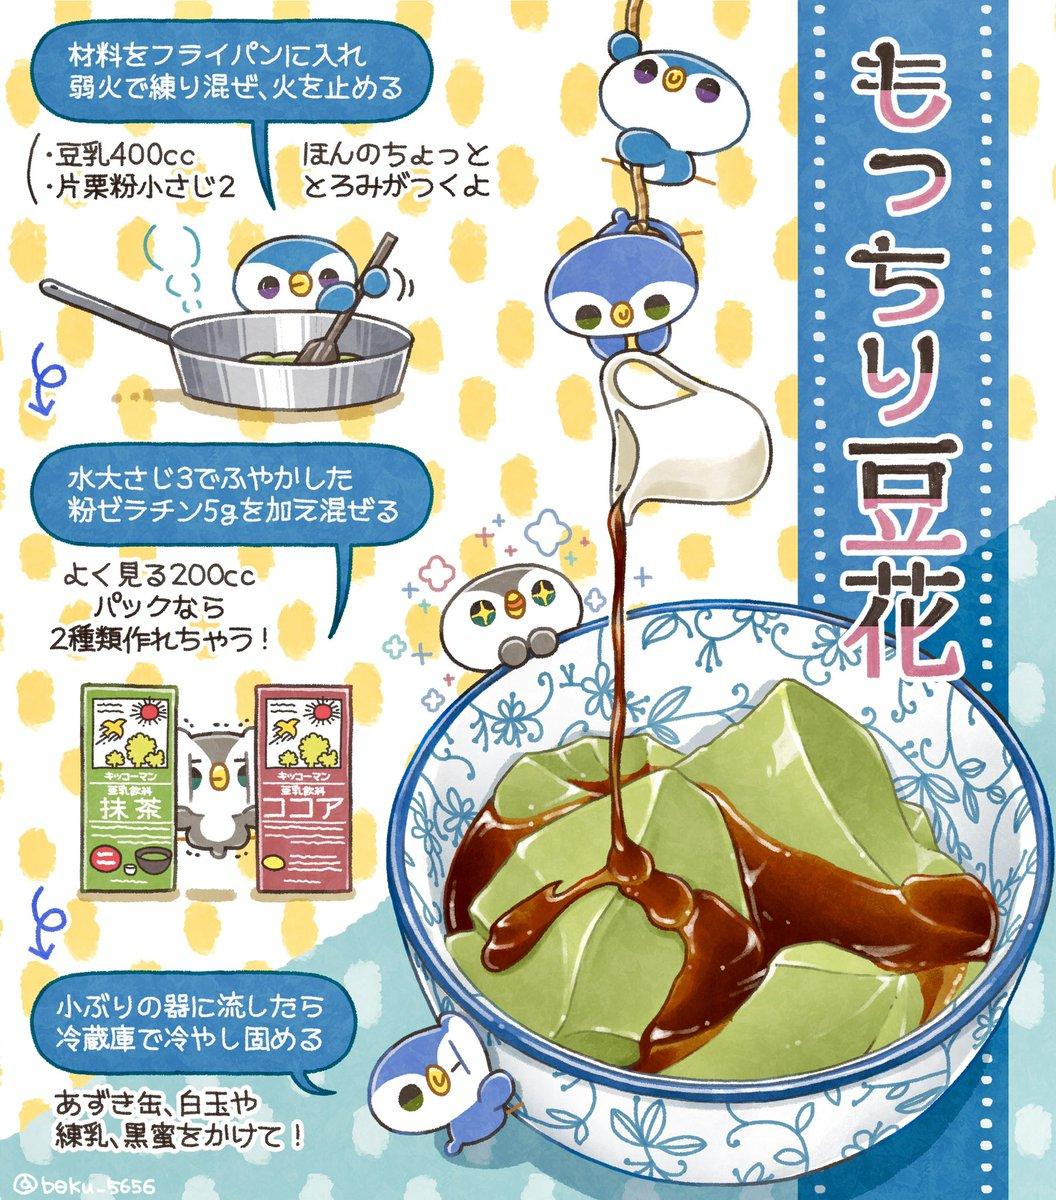 豆乳飲料+ゼラチンで出来る【ぷるっぷるな豆花】のレシピ紹介‼